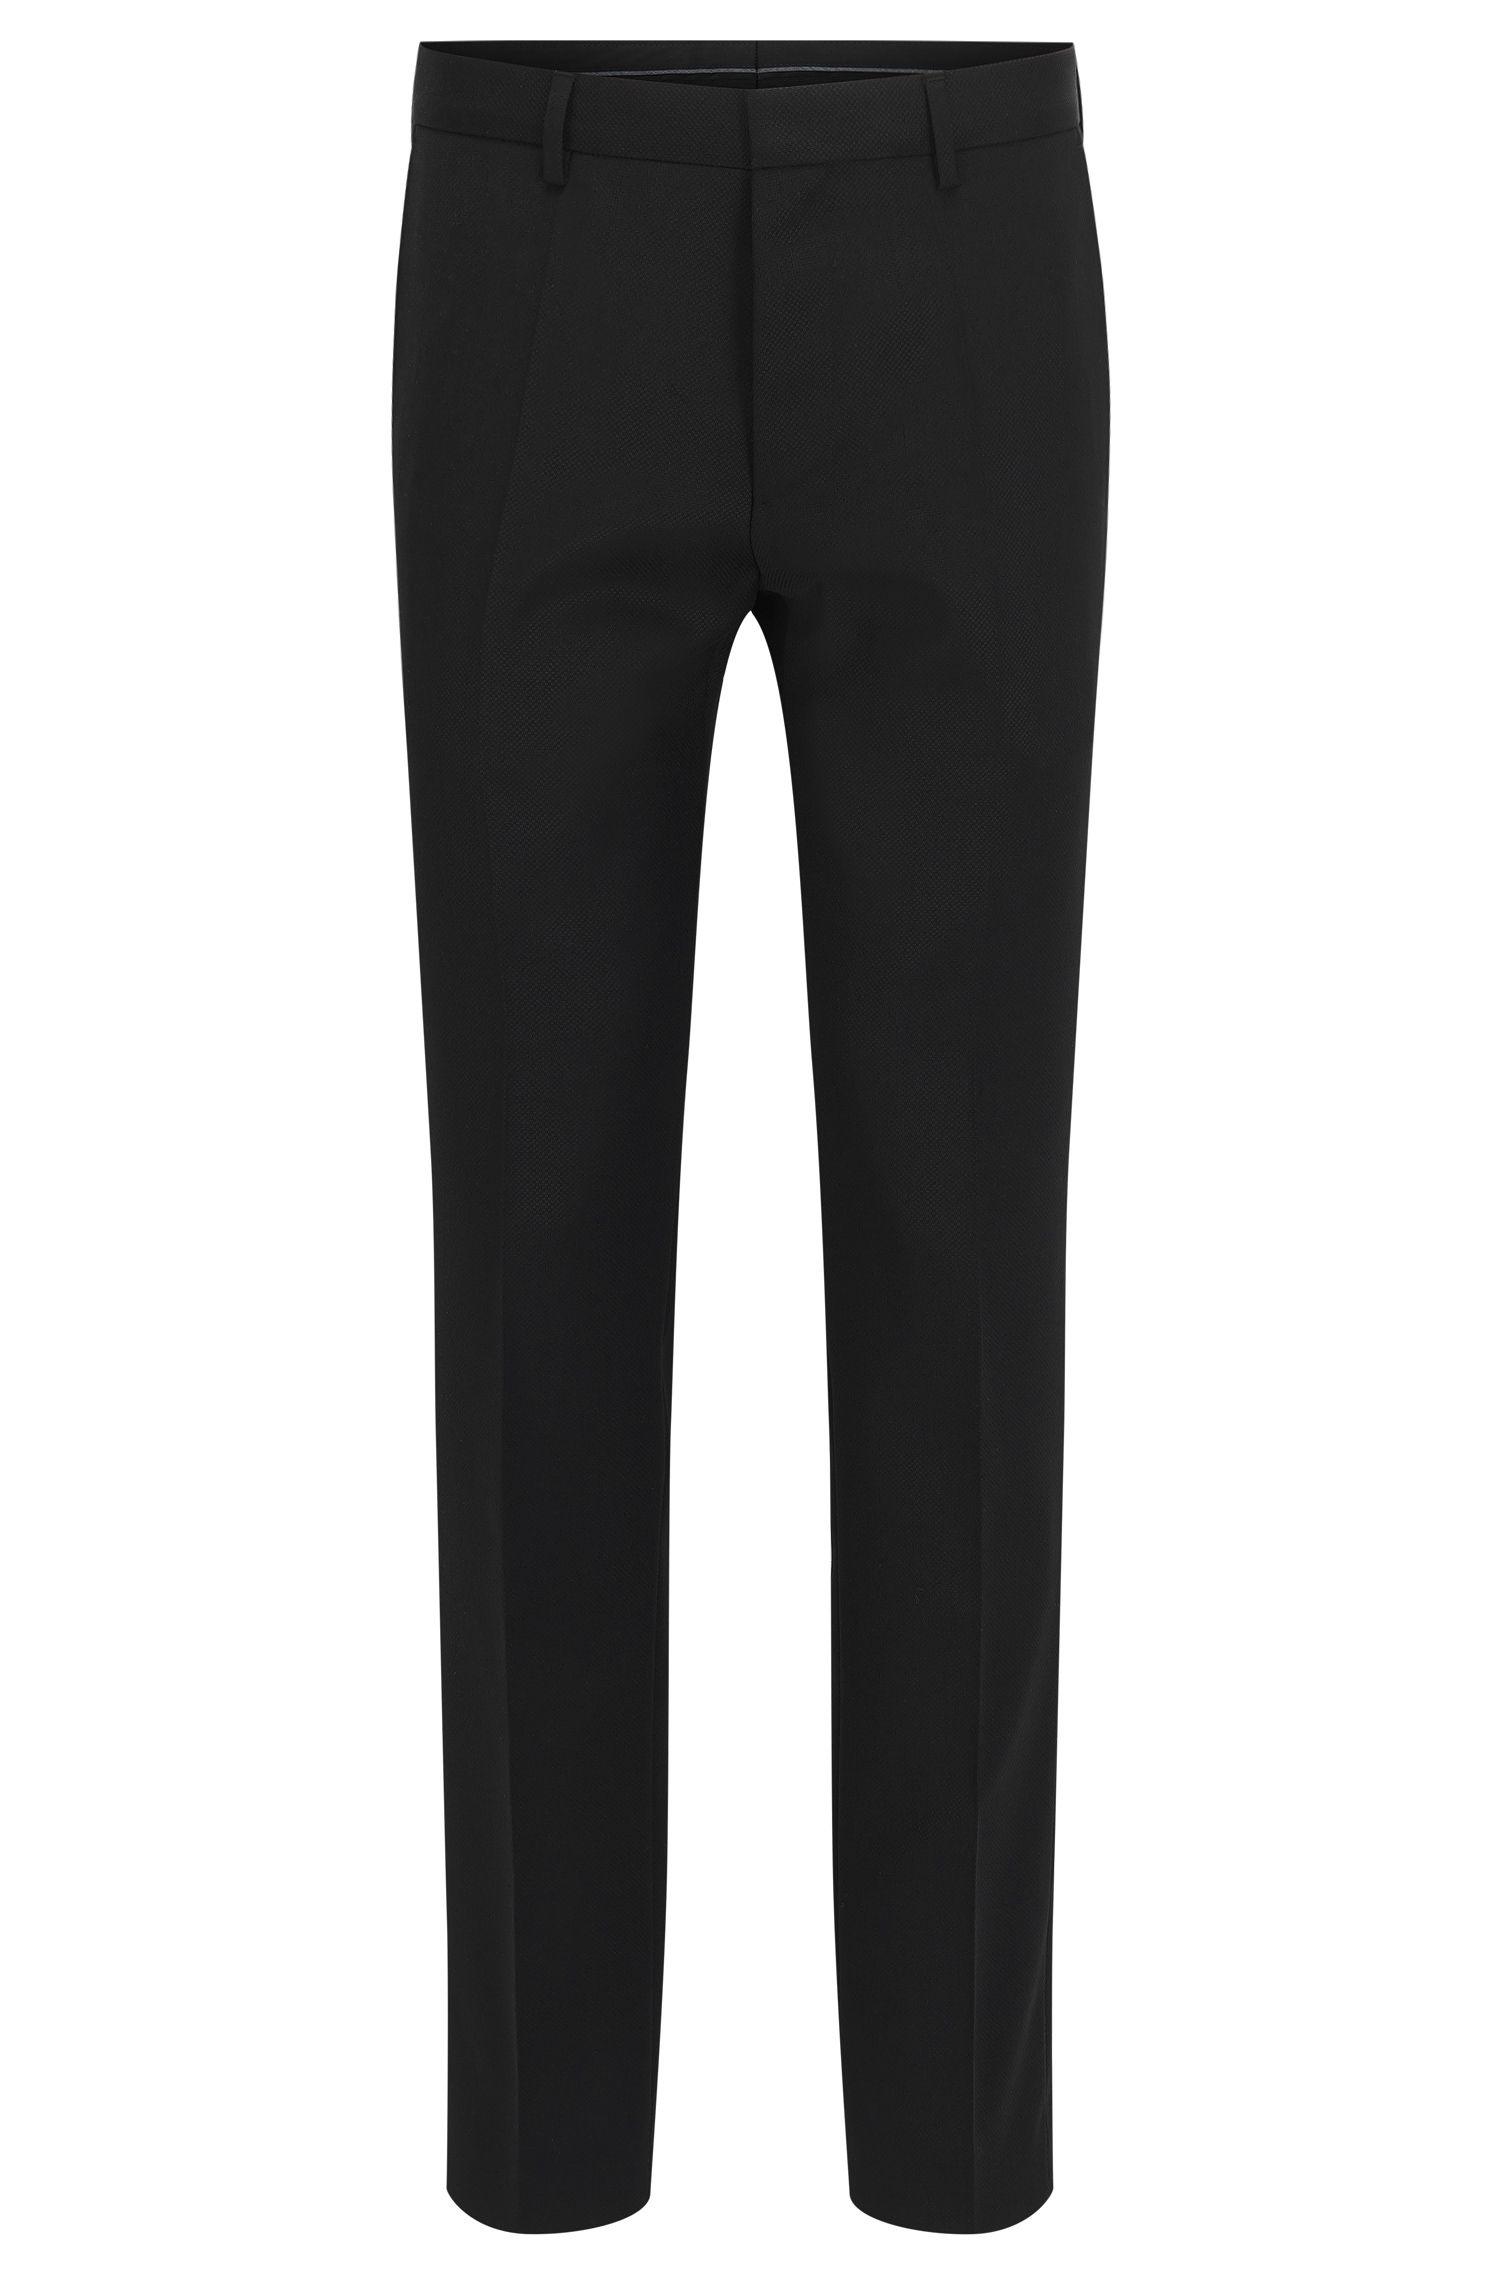 Virgin Wool Dress Pants, Slim Fit | Genesis